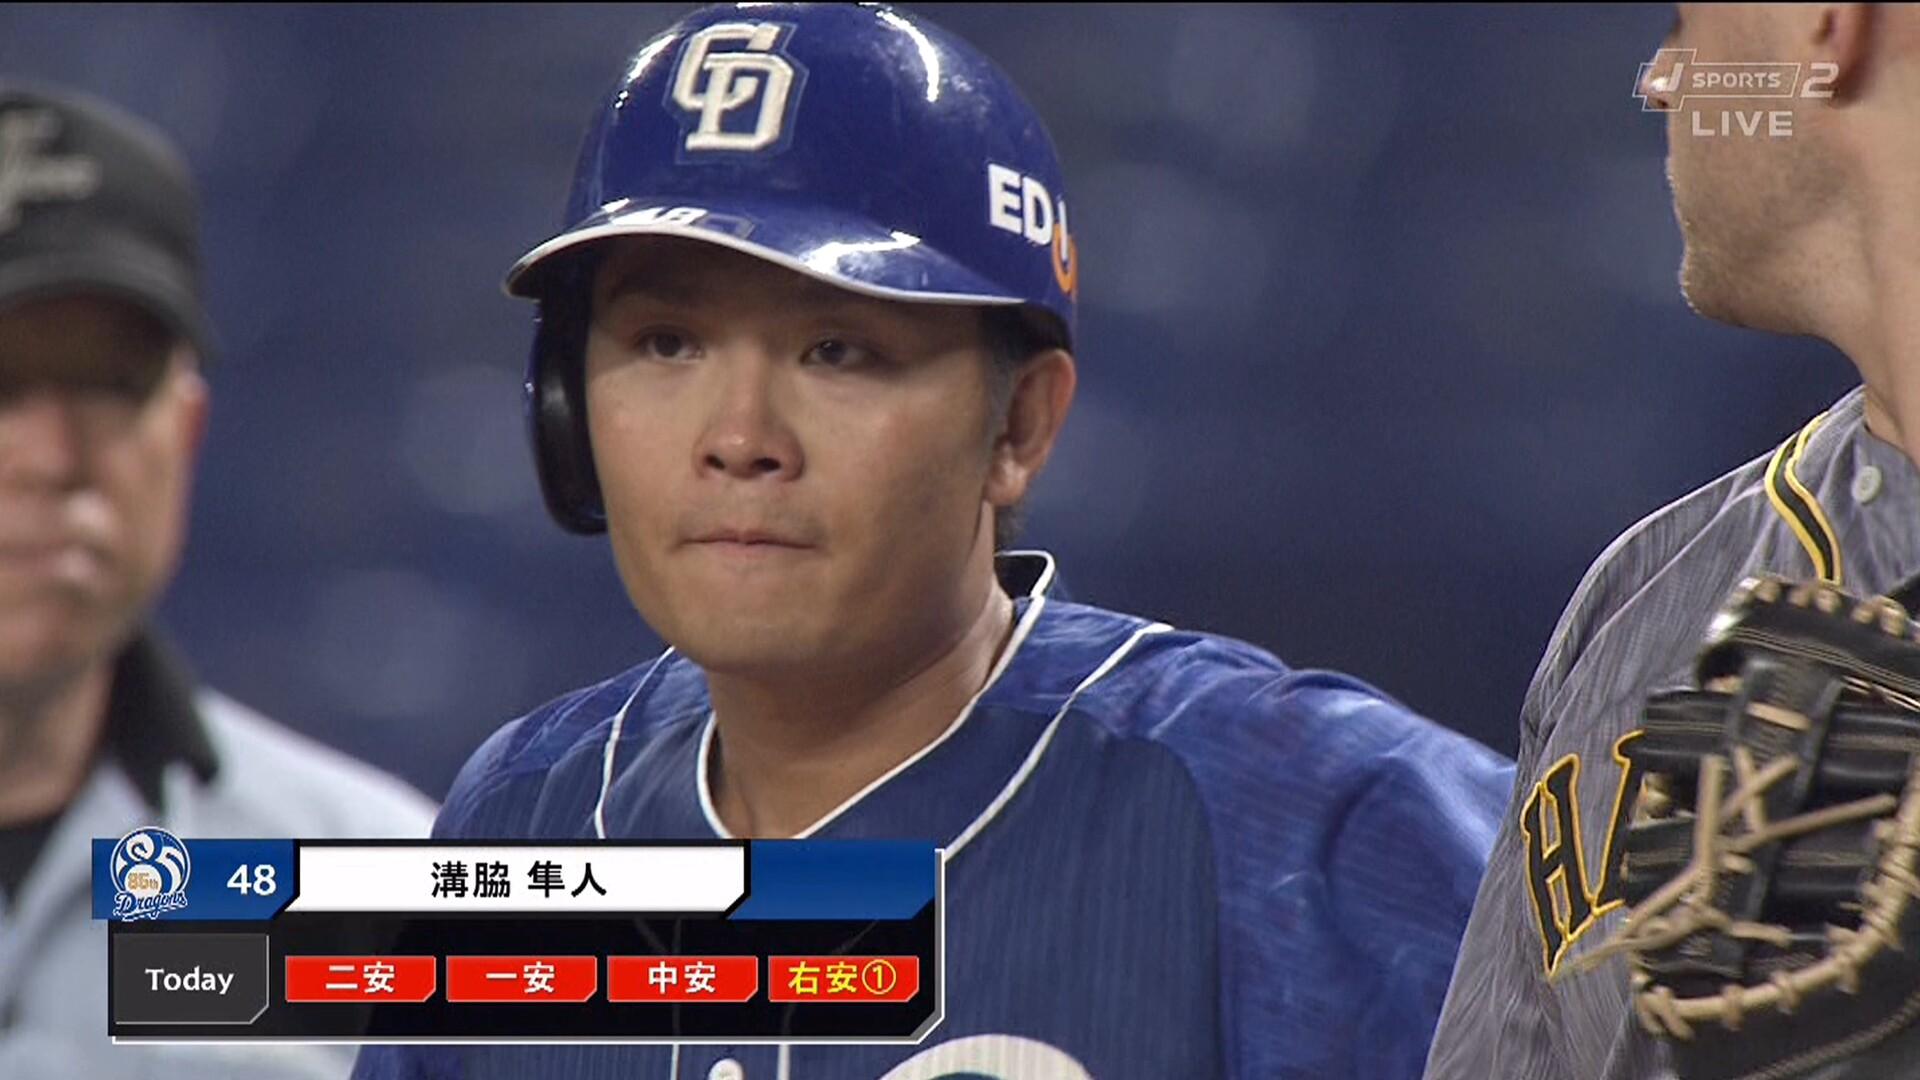 中日・溝脇、5打席連続ヒット! 打率.050→.240に爆上げwwwwwwww